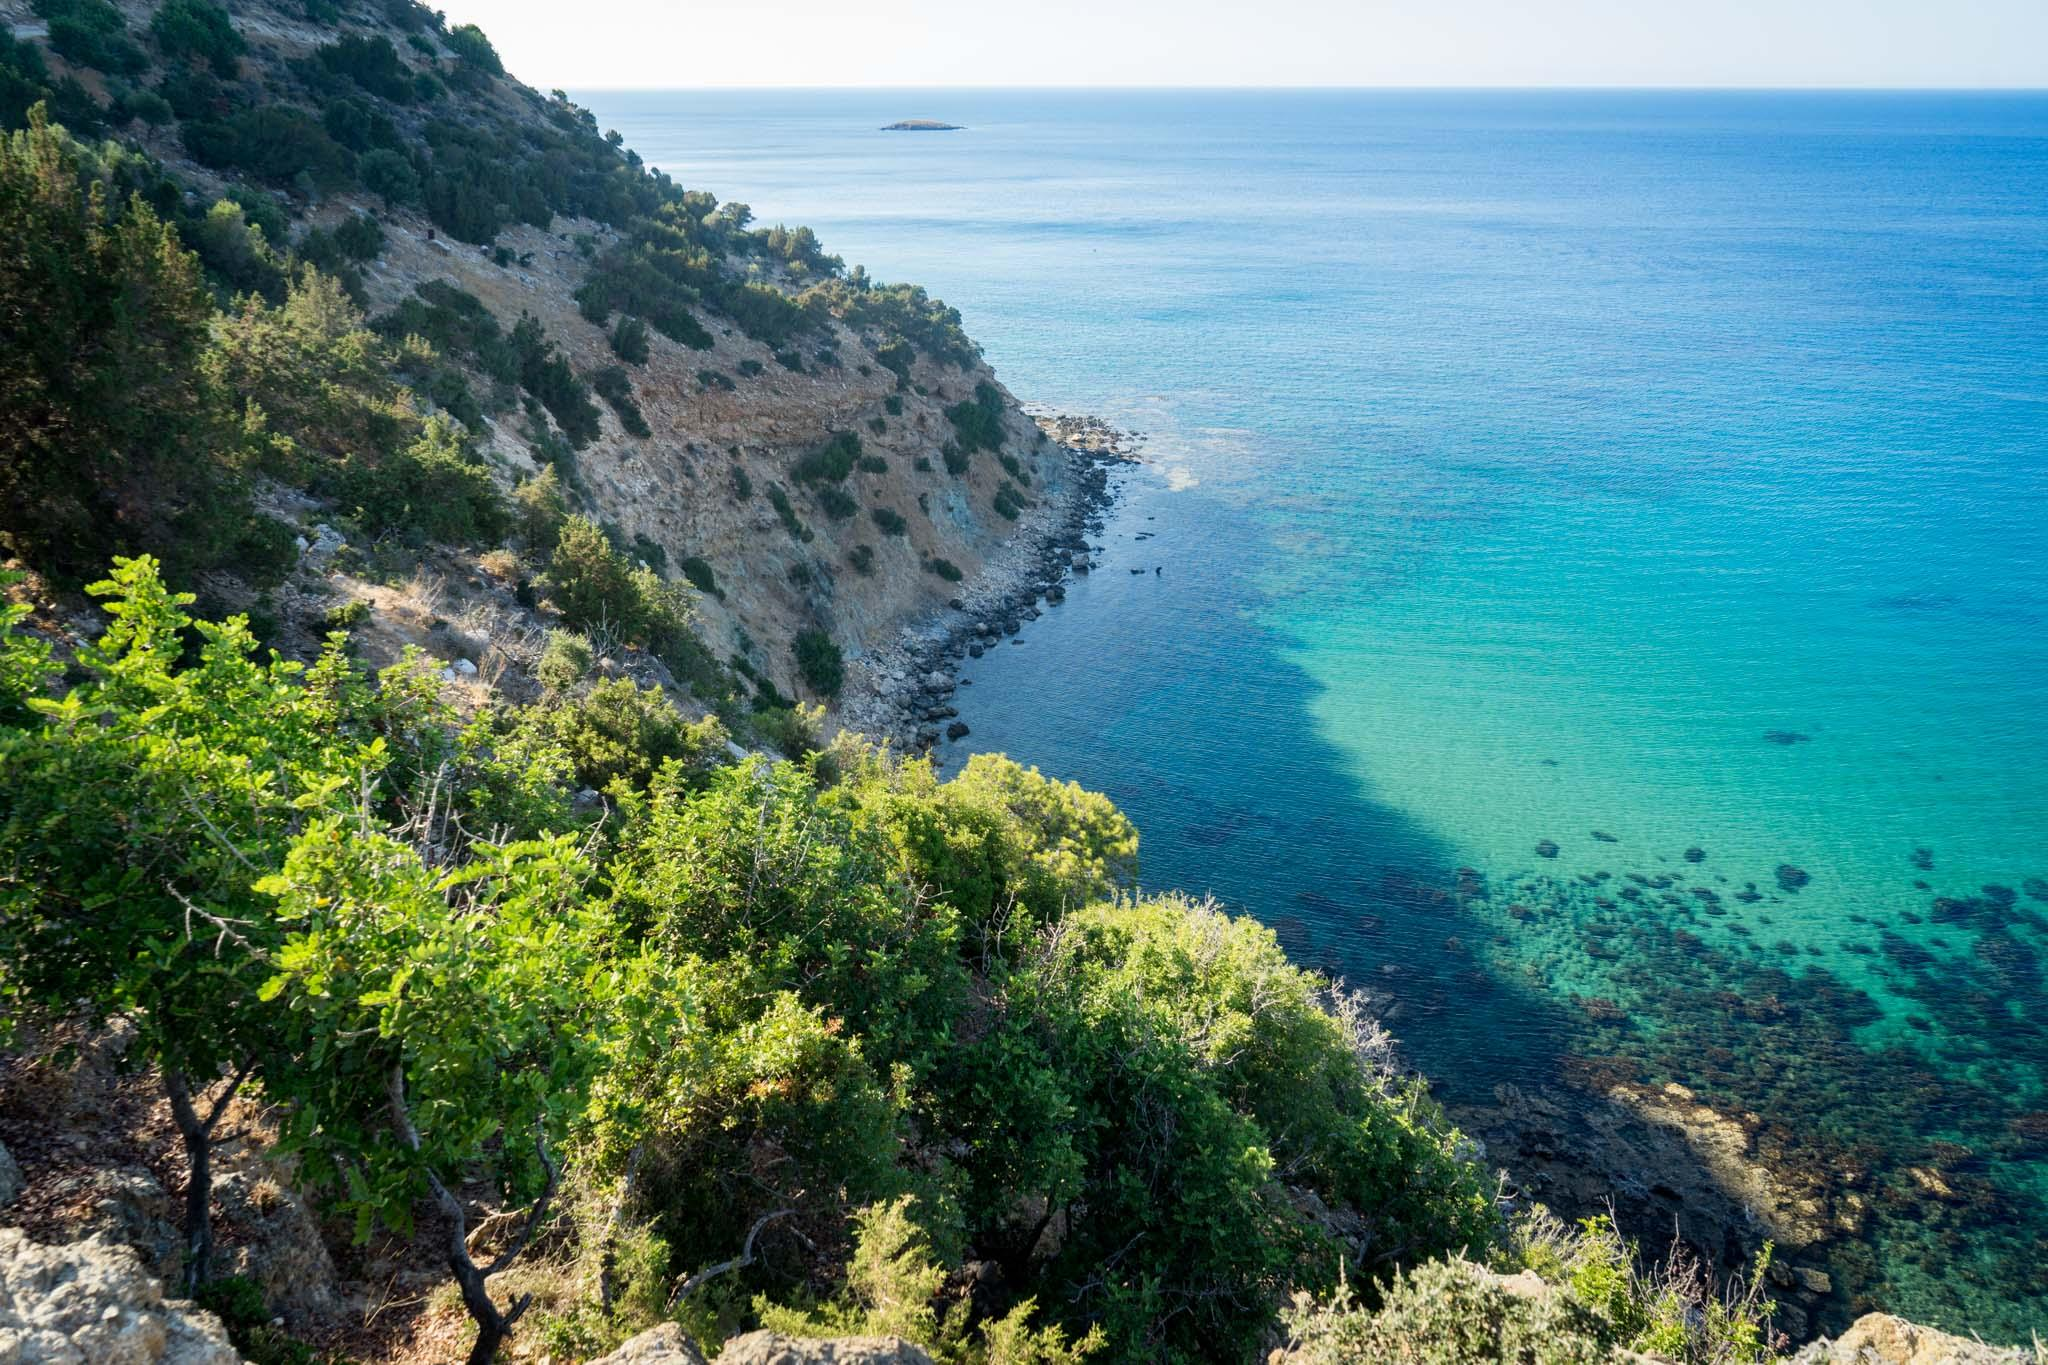 Le sentier pédestre le long de la côte offre des vues magnifiques sur la mer. La côte est parsemée de plages dont certaines ont des zones de baignade. © Michael Turtle